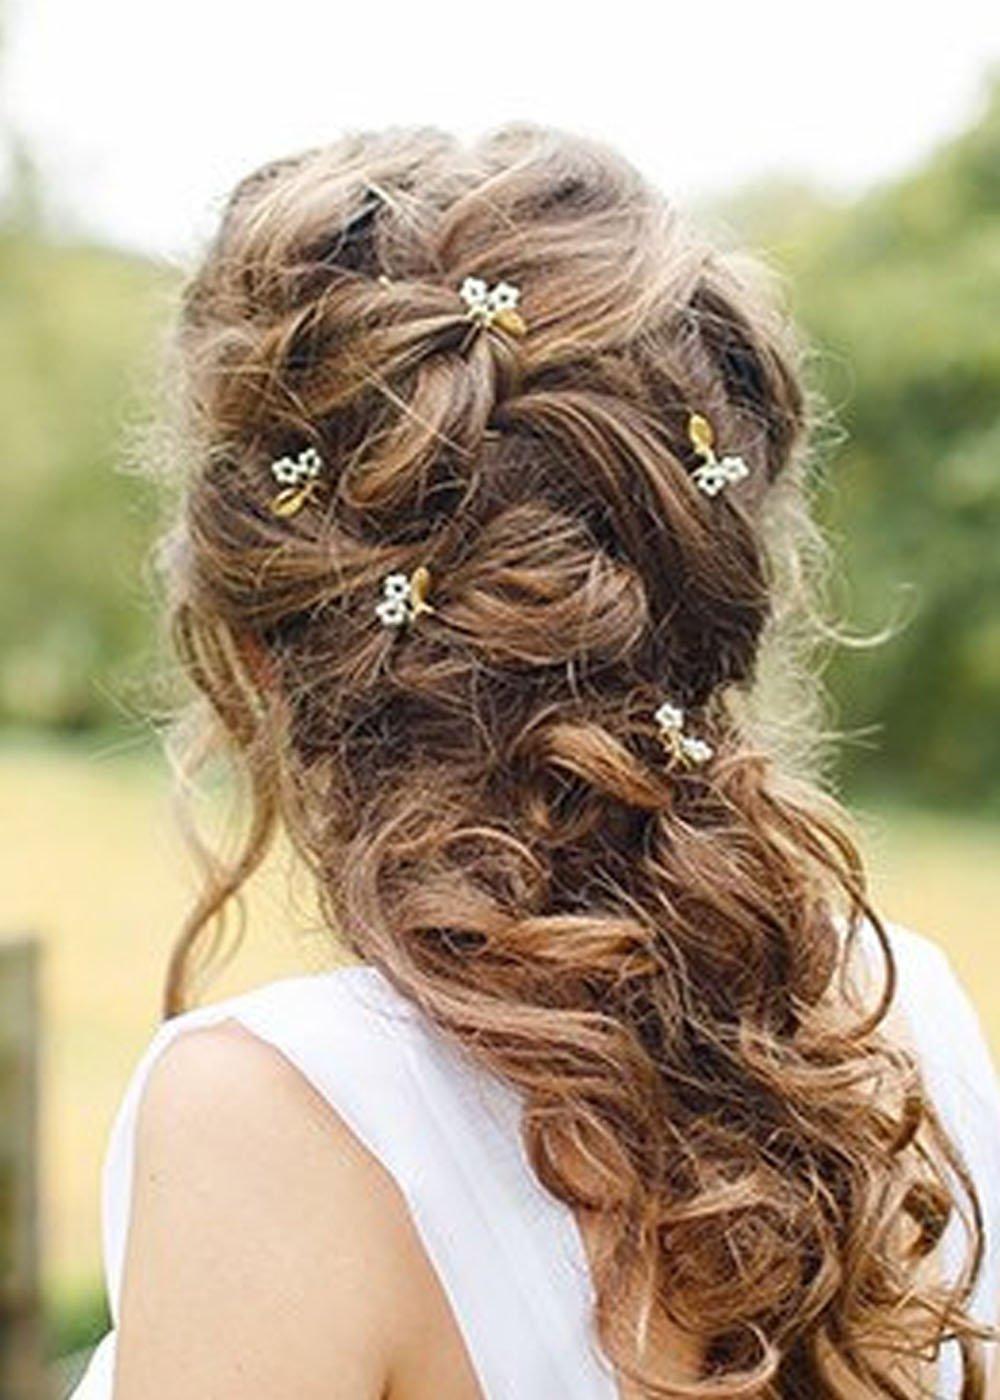 Handmadejewelrylady Bridal Vintage Hair Pins Wedding Party Crystal Rhinestone Hair Pins Hair Accessories Women Headpiece(pack of 5)